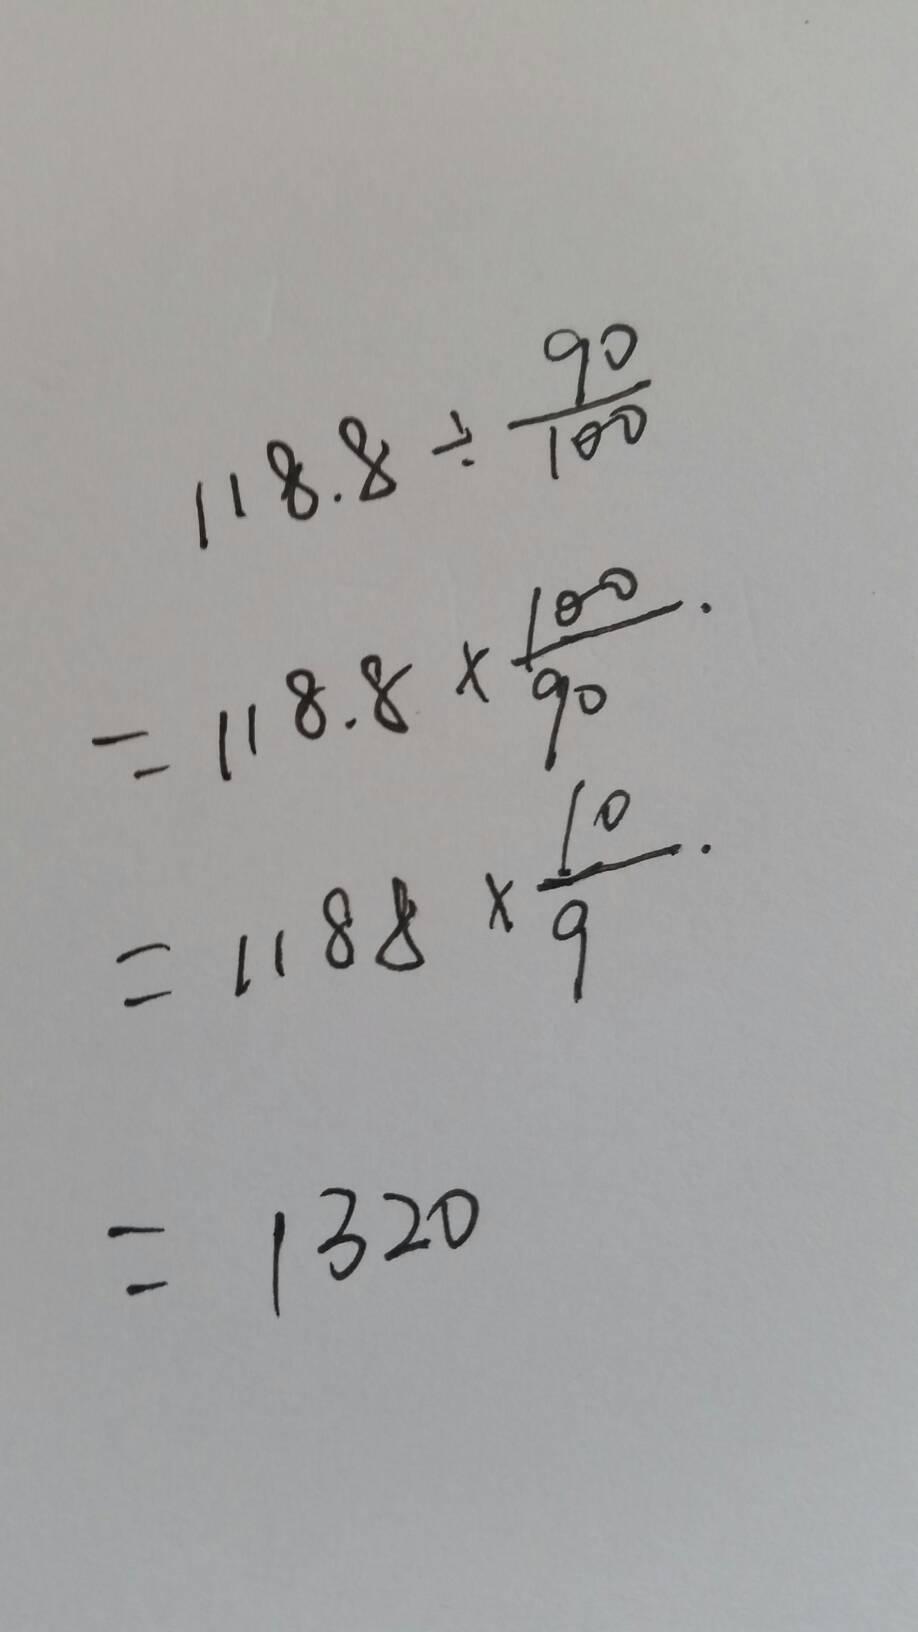 118.8除百分之90该怎么计算